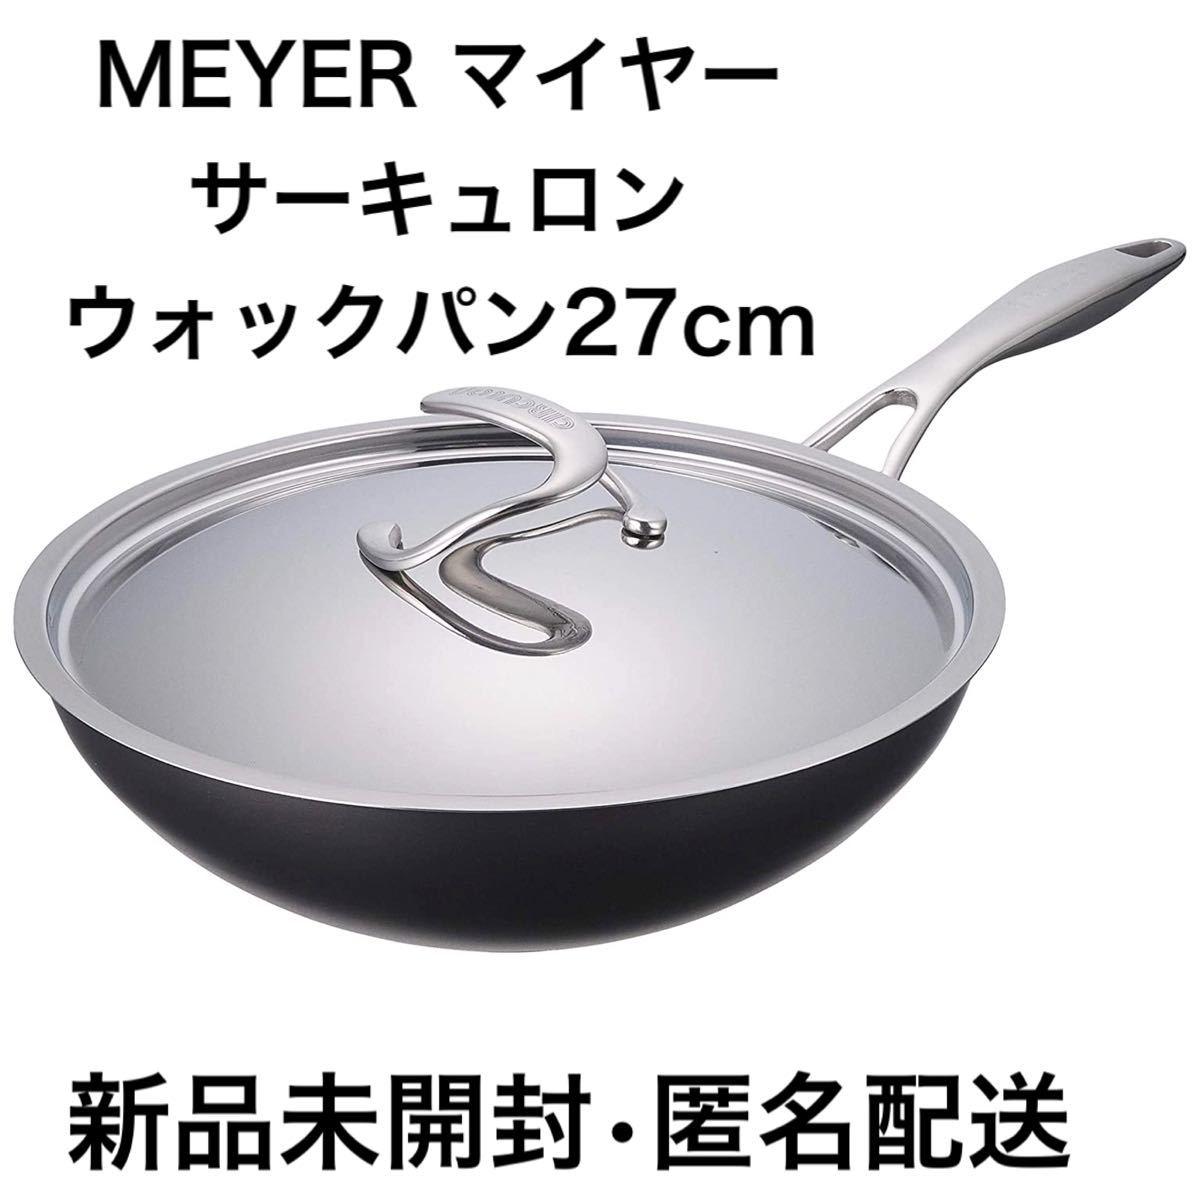 マイヤーMAYER フライパン サーキュロンウォックパン27cm蓋付【匿名配送】●